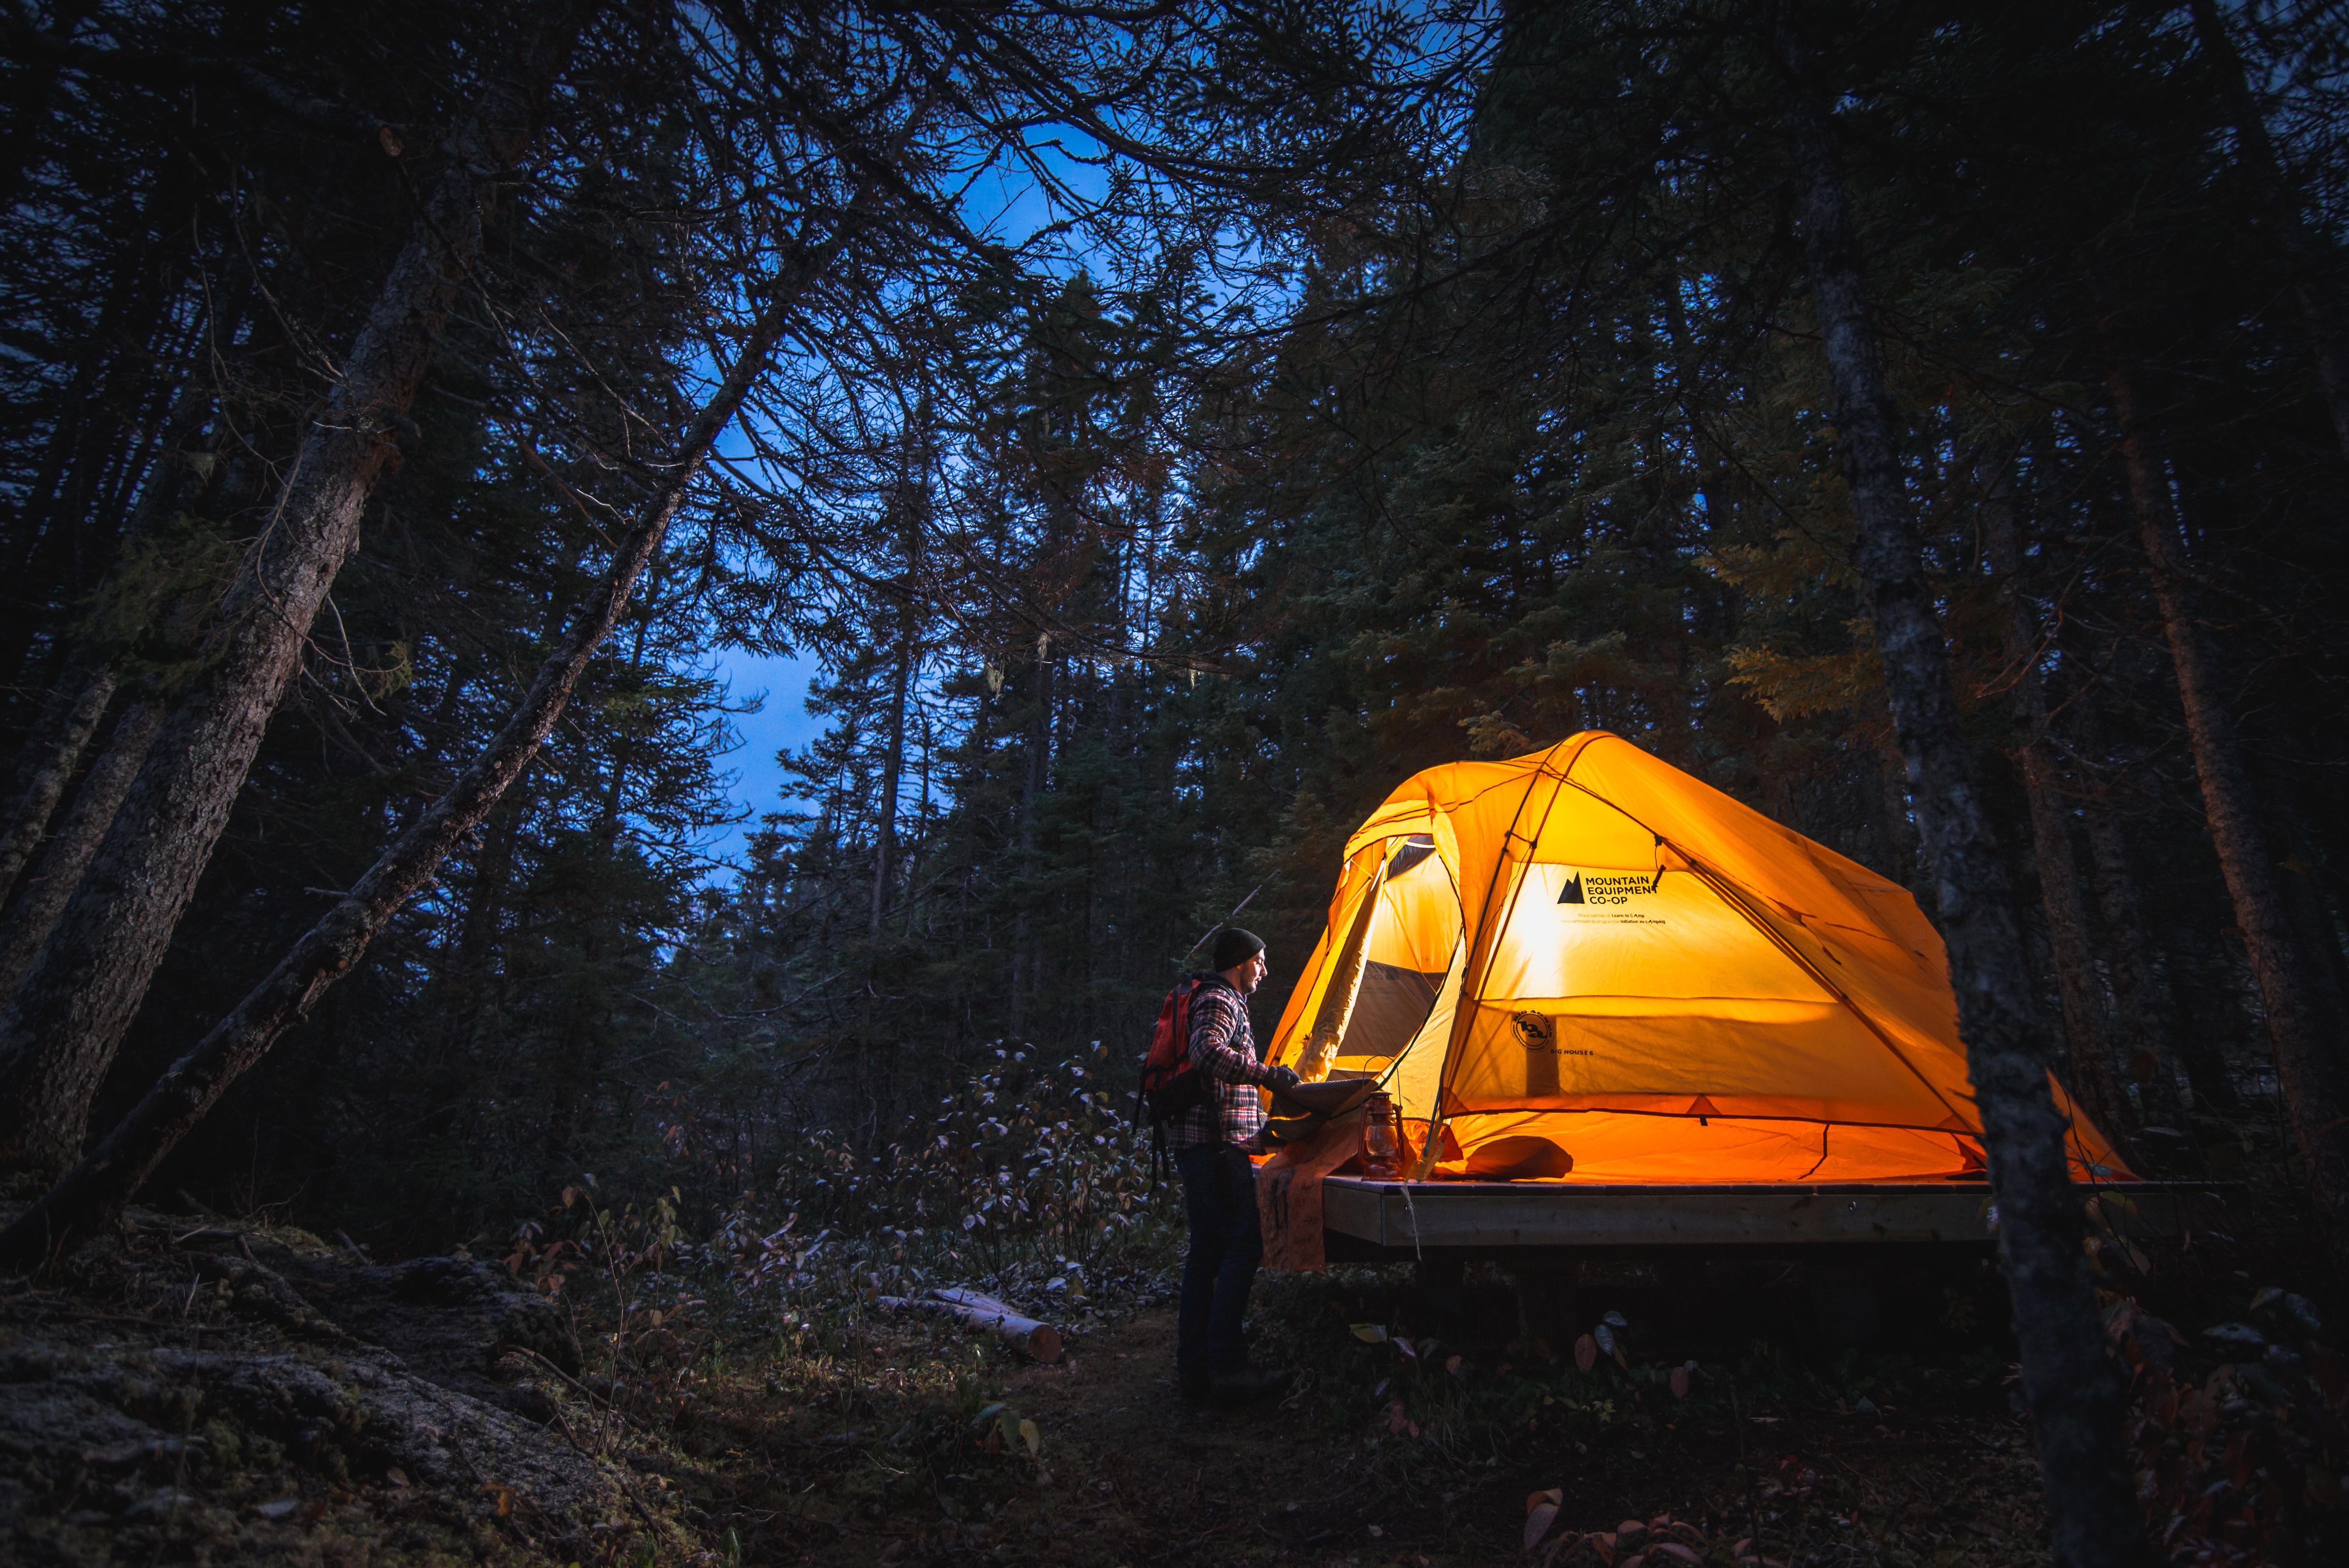 Campsite at  Terra Nova National Park